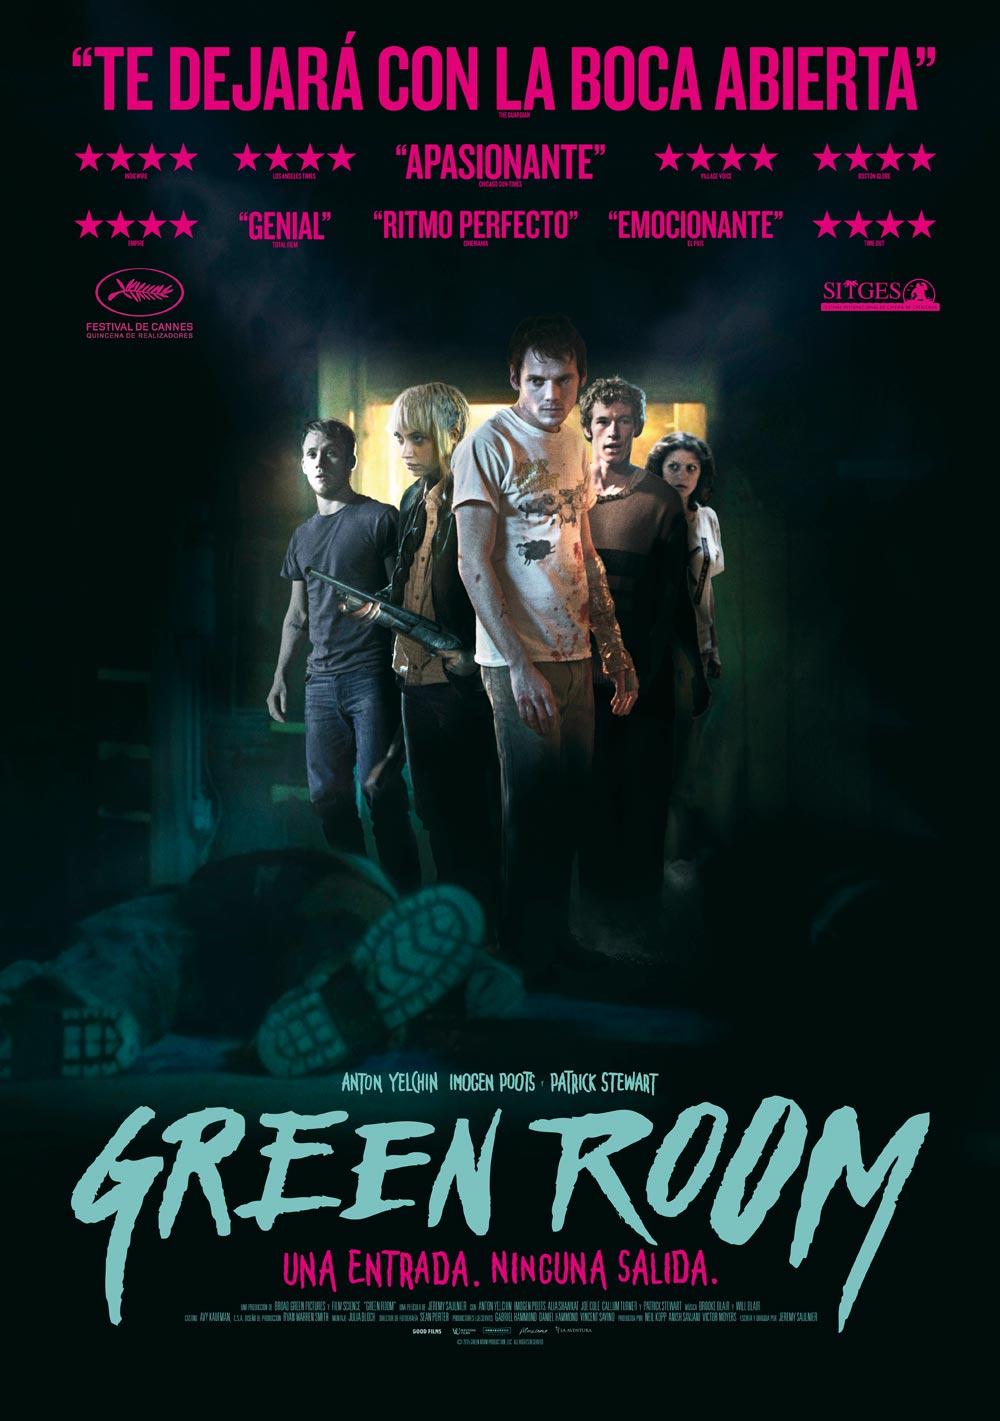 Green room cartel de la pelcula for La habitacion pelicula 2016